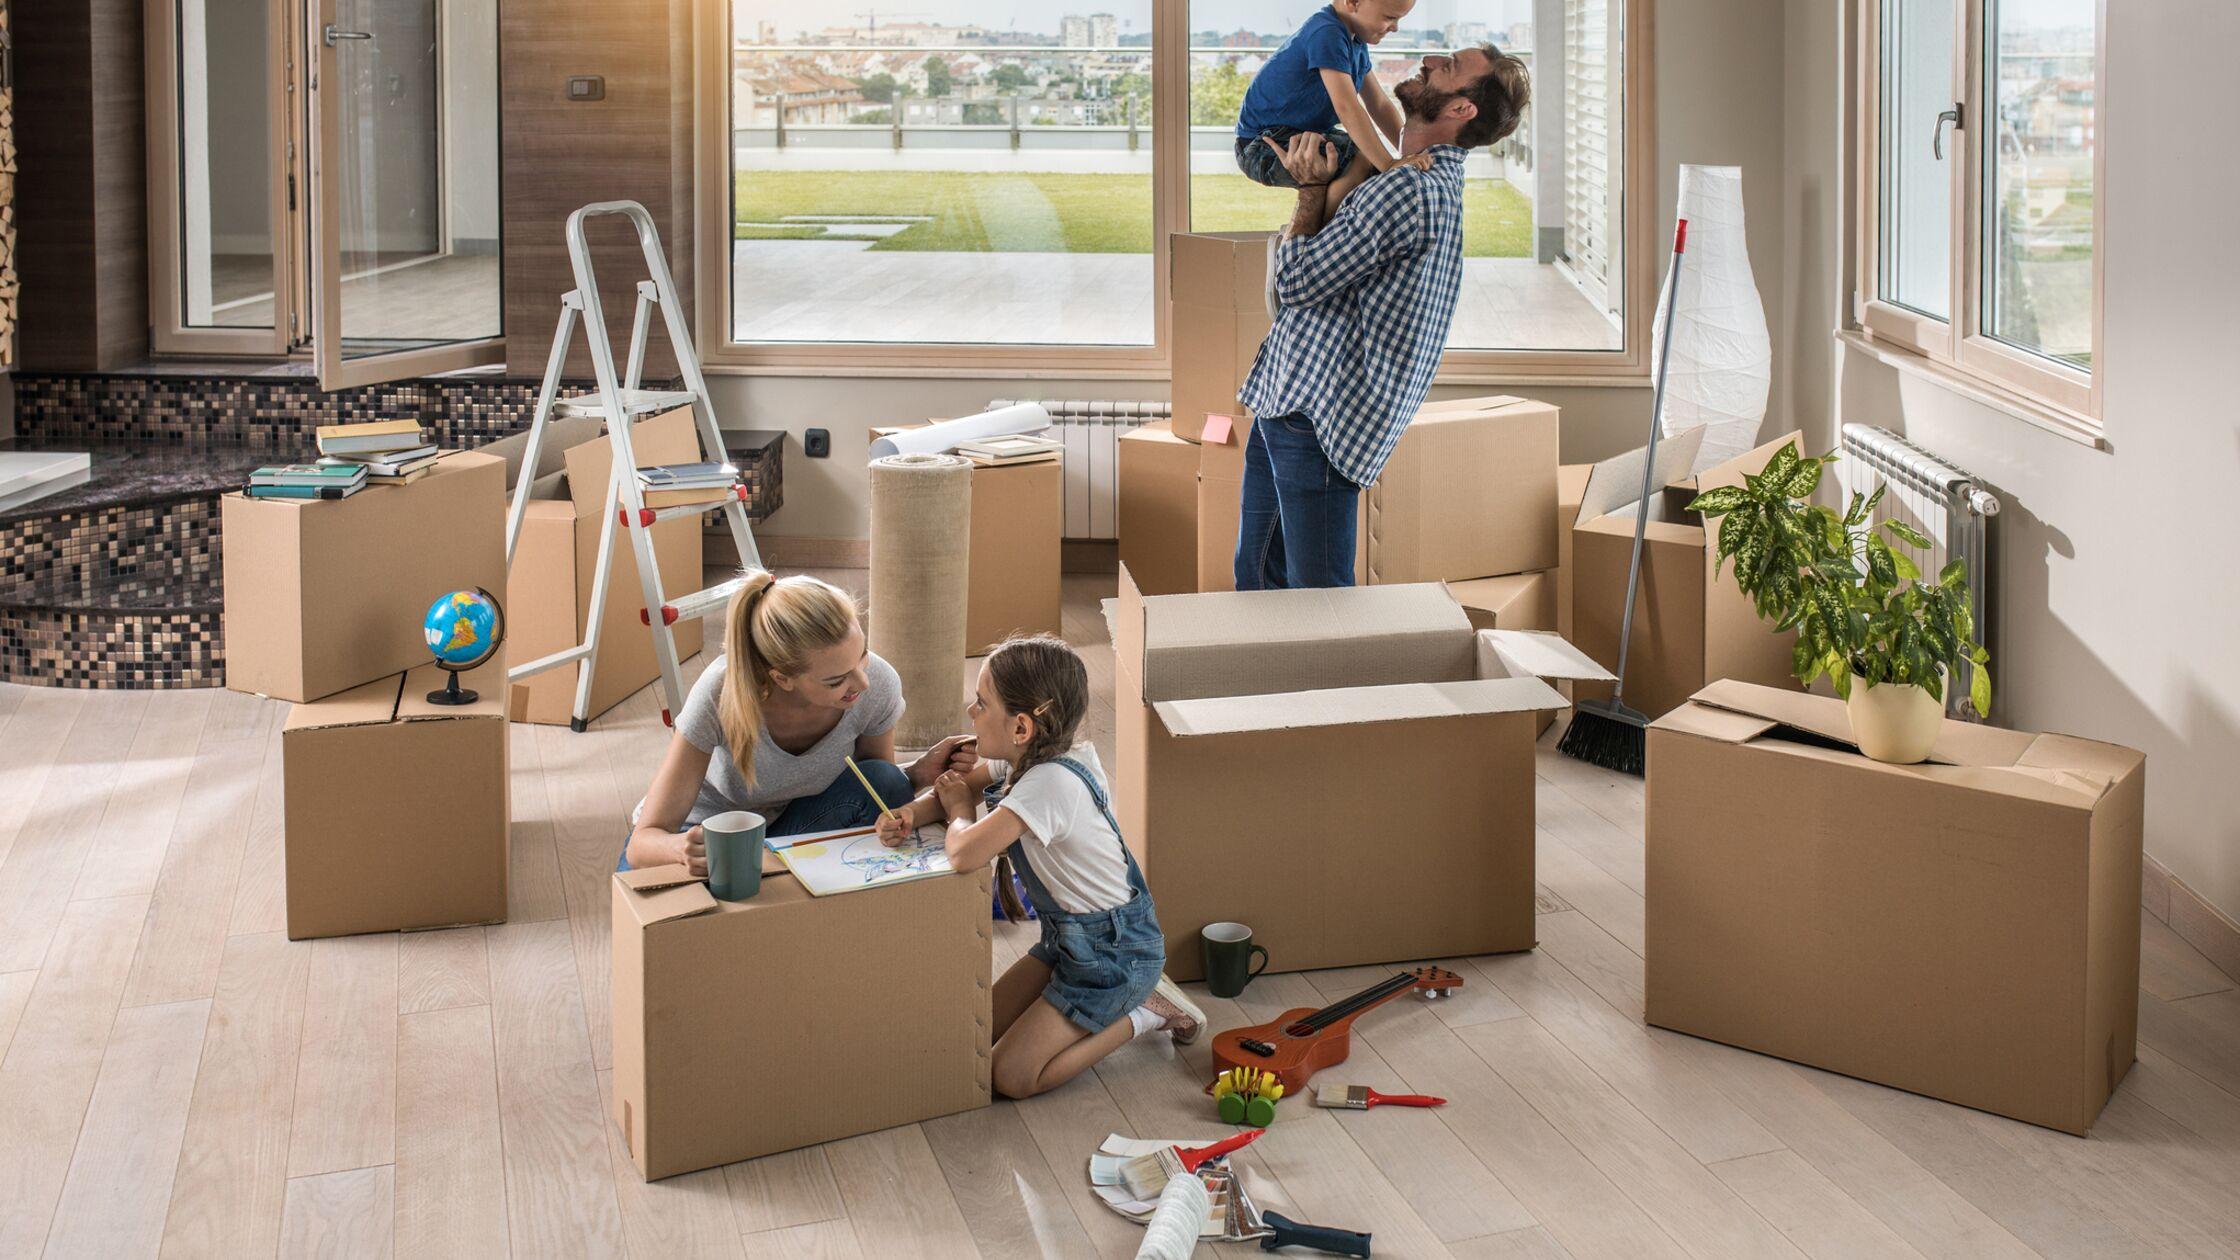 Eltern und zwei Kinder zwischen Umzugskisten im Wohnzimmer.